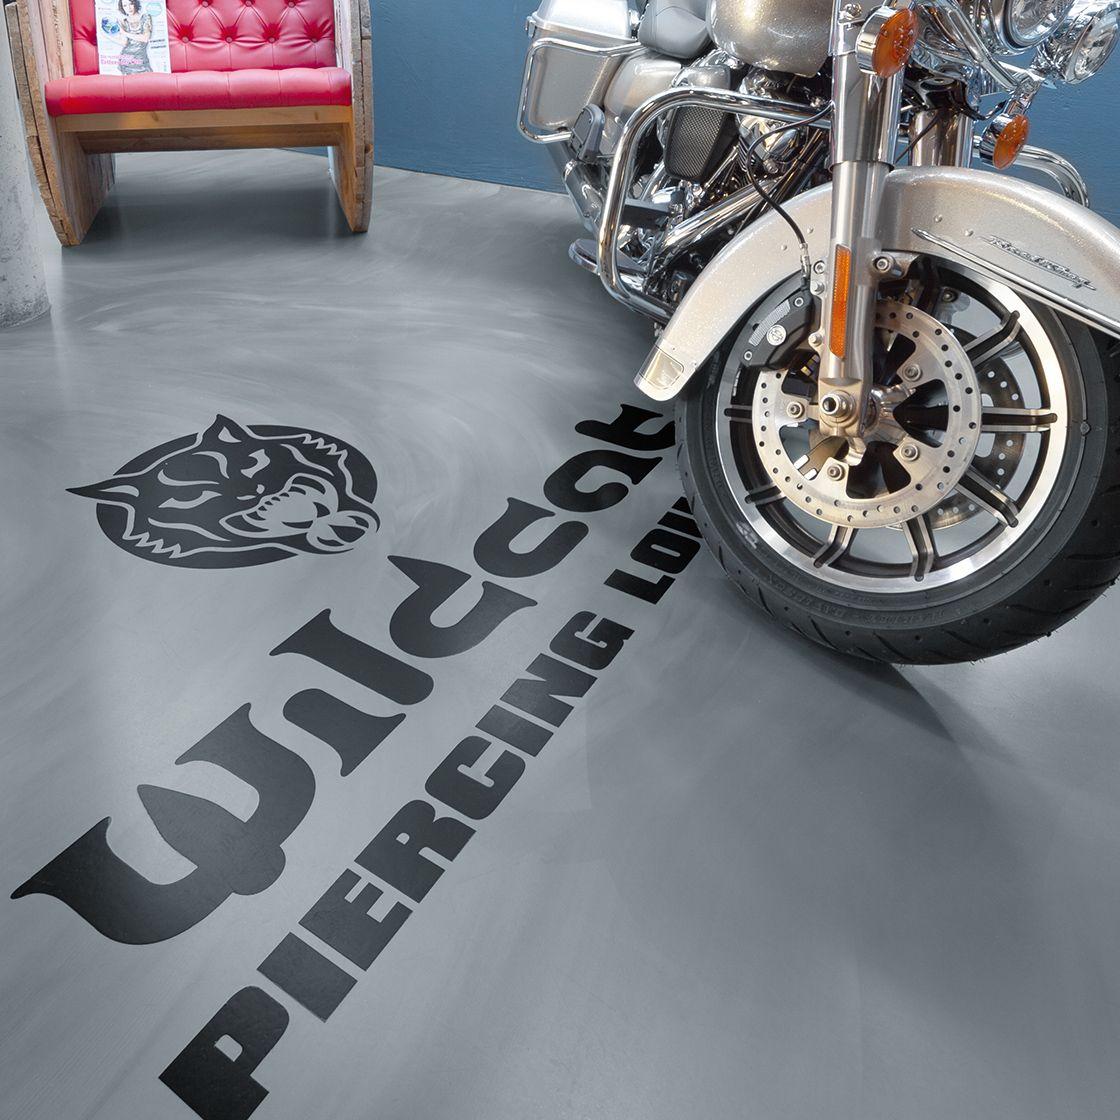 Eingearbeitetes Logo im Fußboden eines Tattoostudios mit einem Motorrad und weiteren dekorativen Elementen einer taubenblauen Wand mit Ziegelsteinen